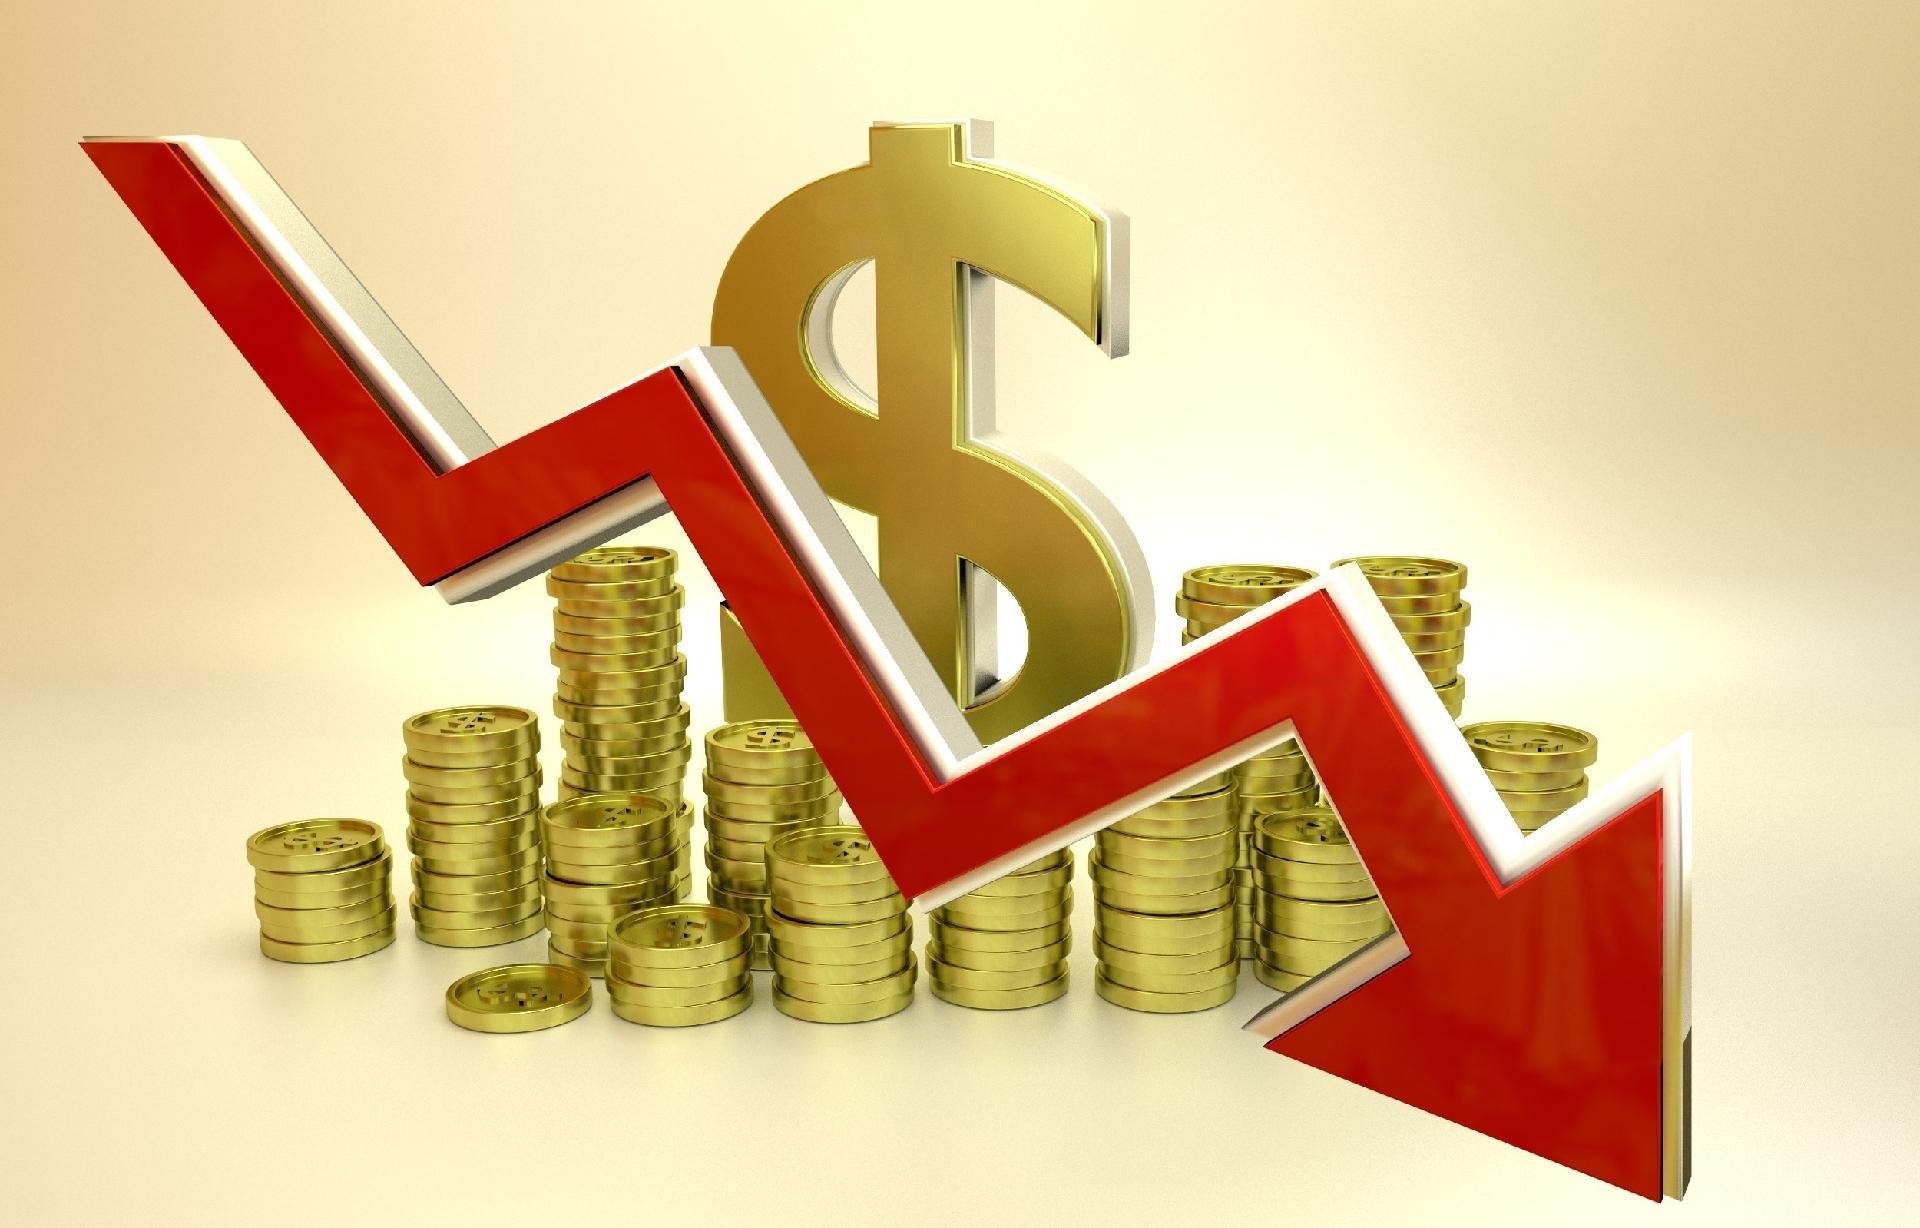 Queda de juros Selic: como índices afetam consumidores?